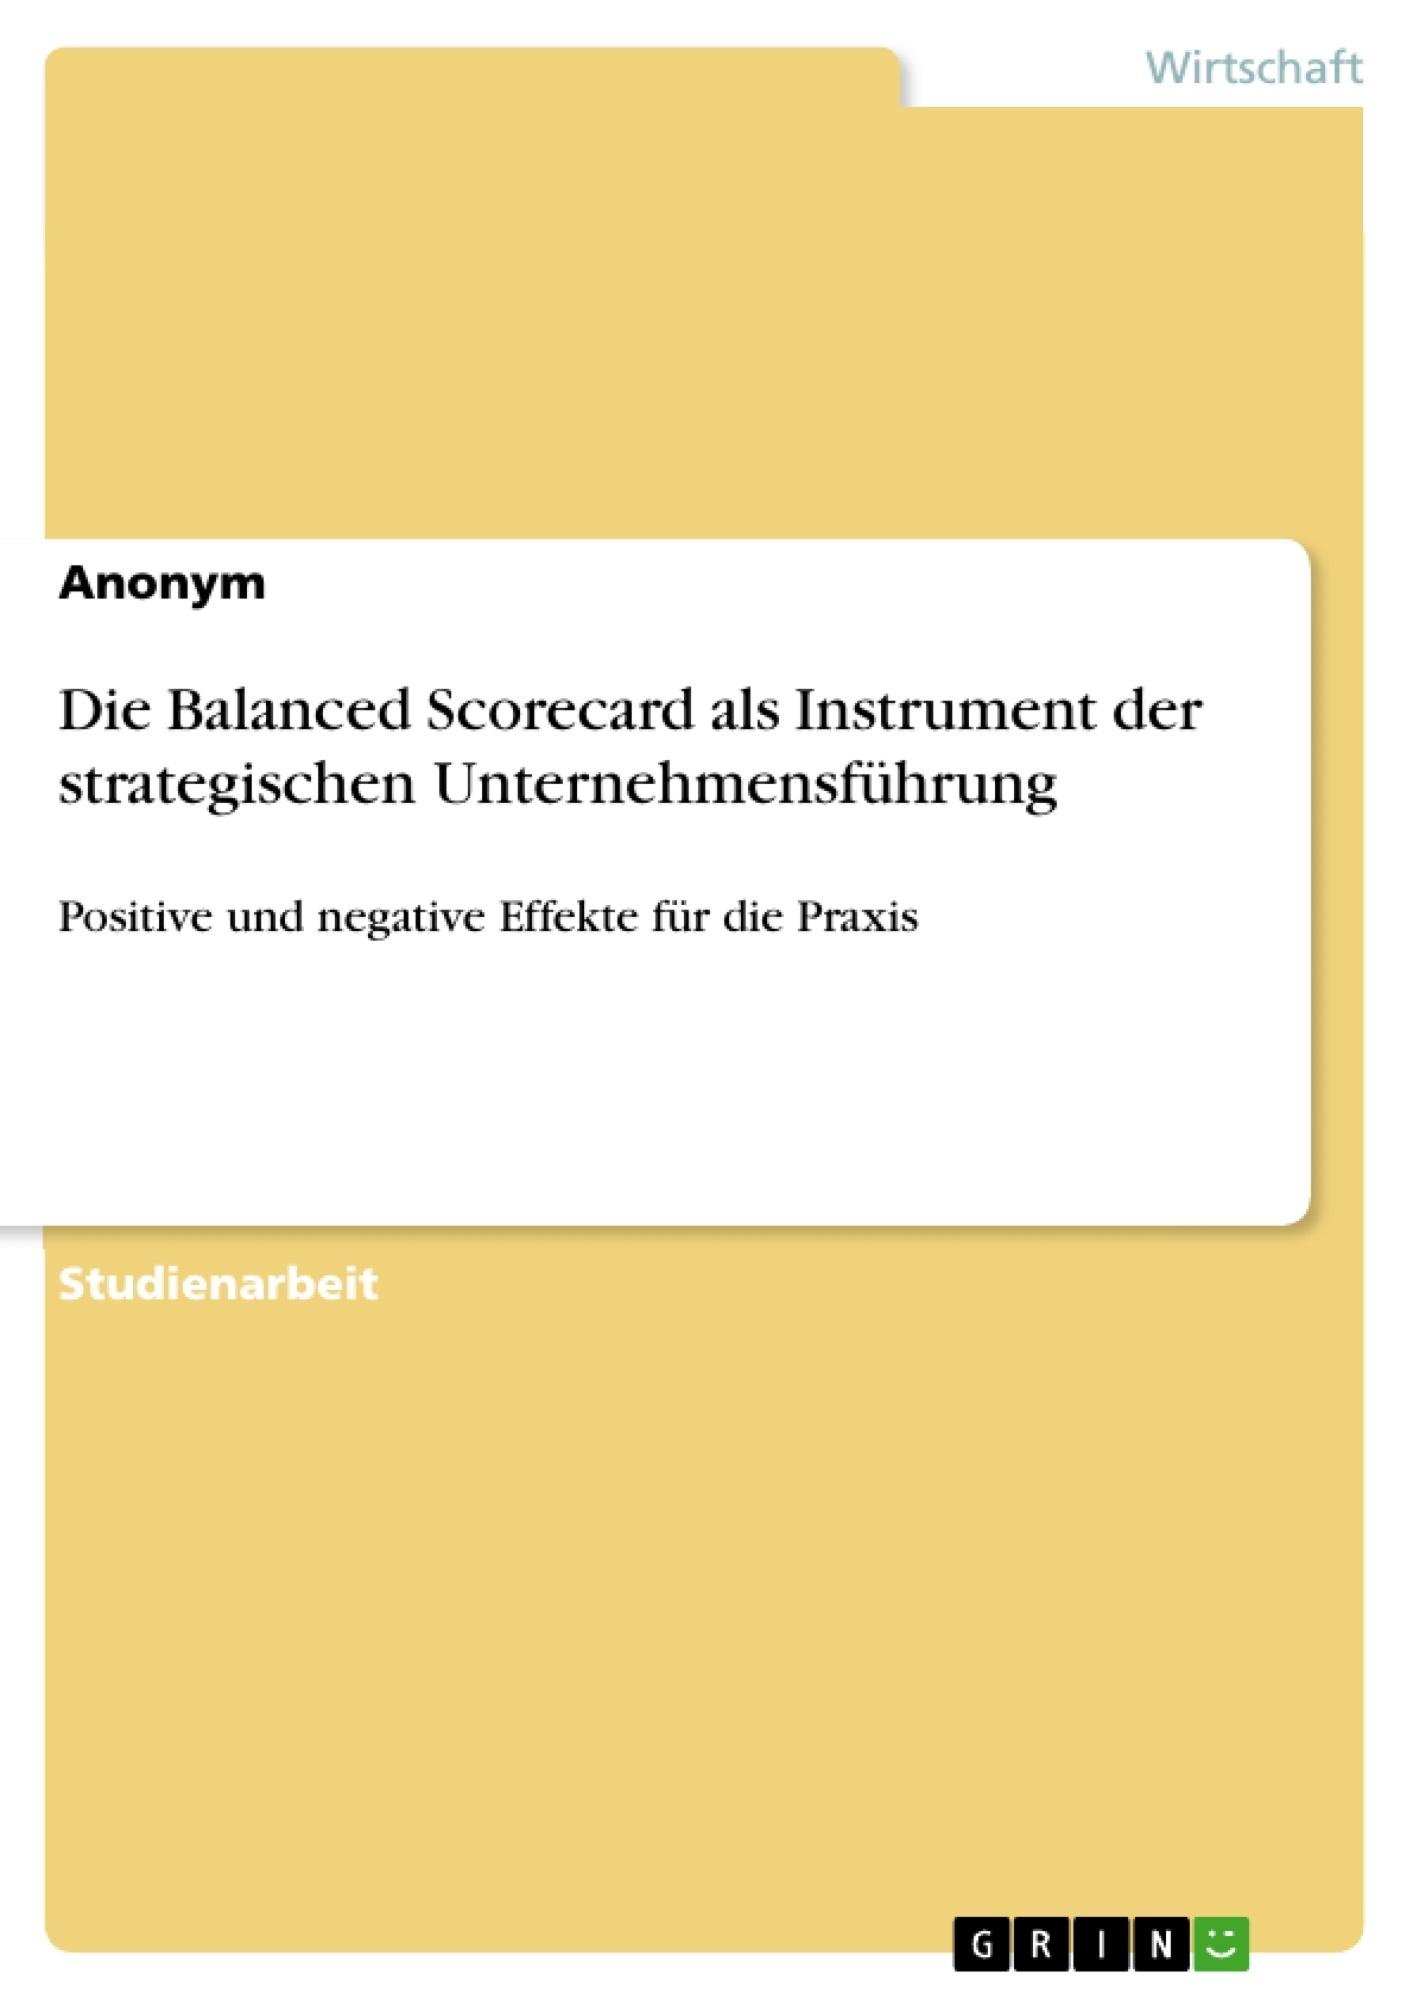 Titel: Die Balanced Scorecard als Instrument der strategischen Unternehmensführung